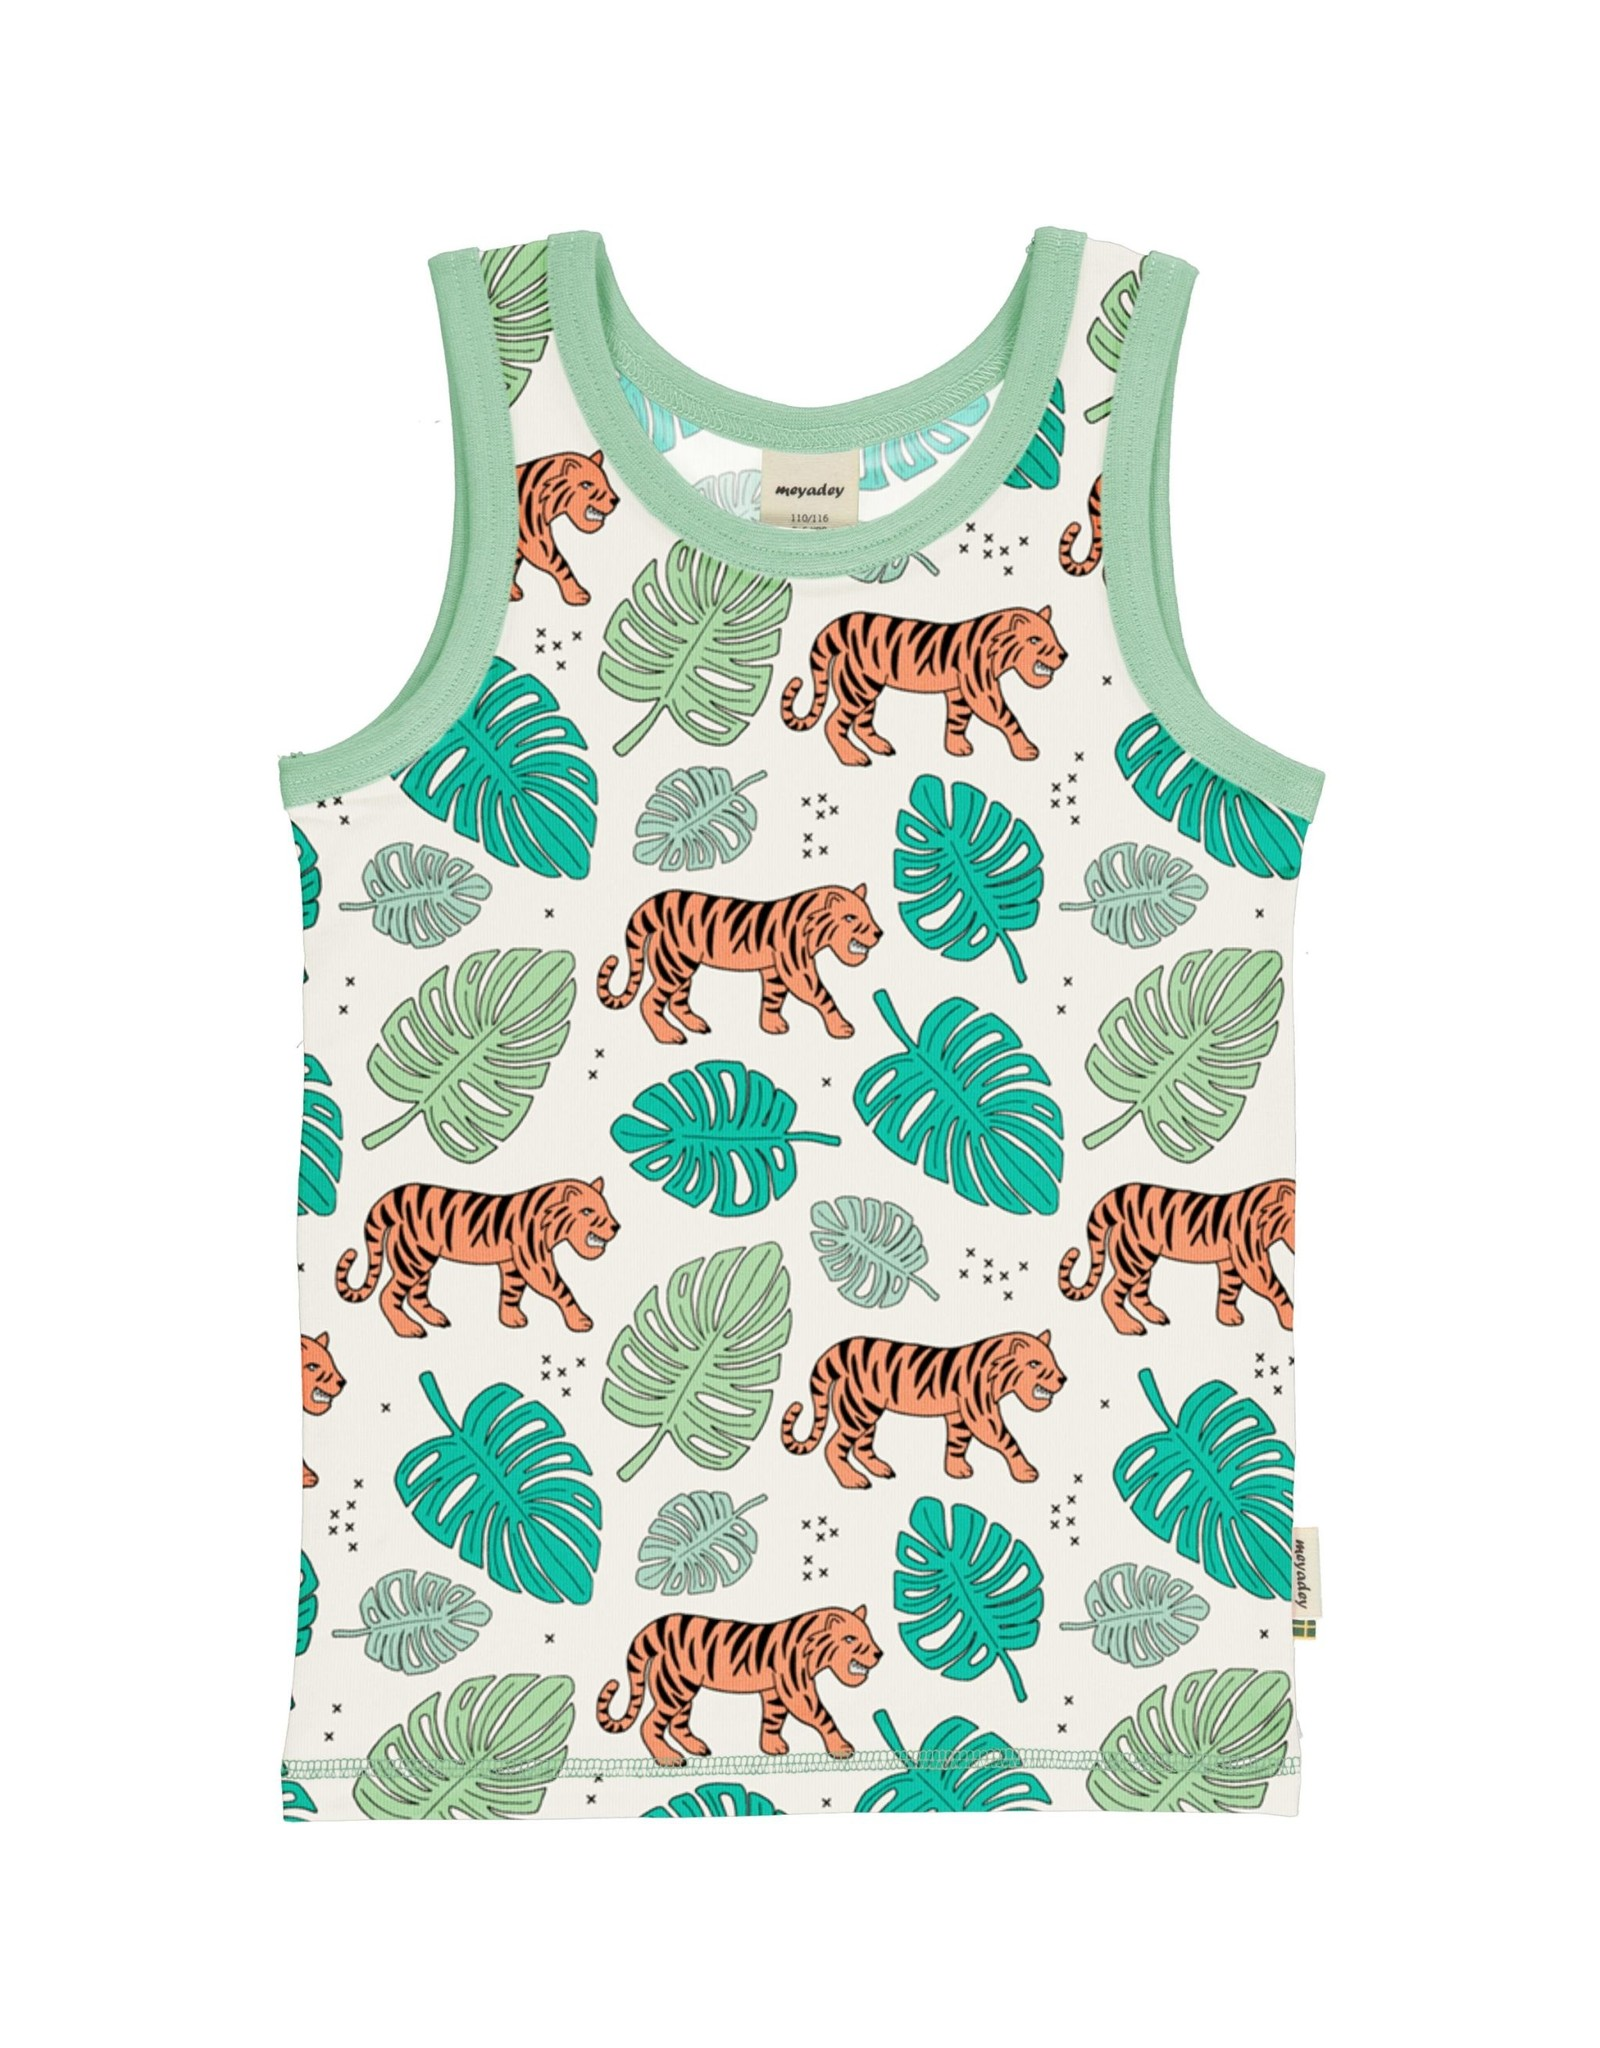 Meyadey Mouwloze t-shirt met tijgerprint